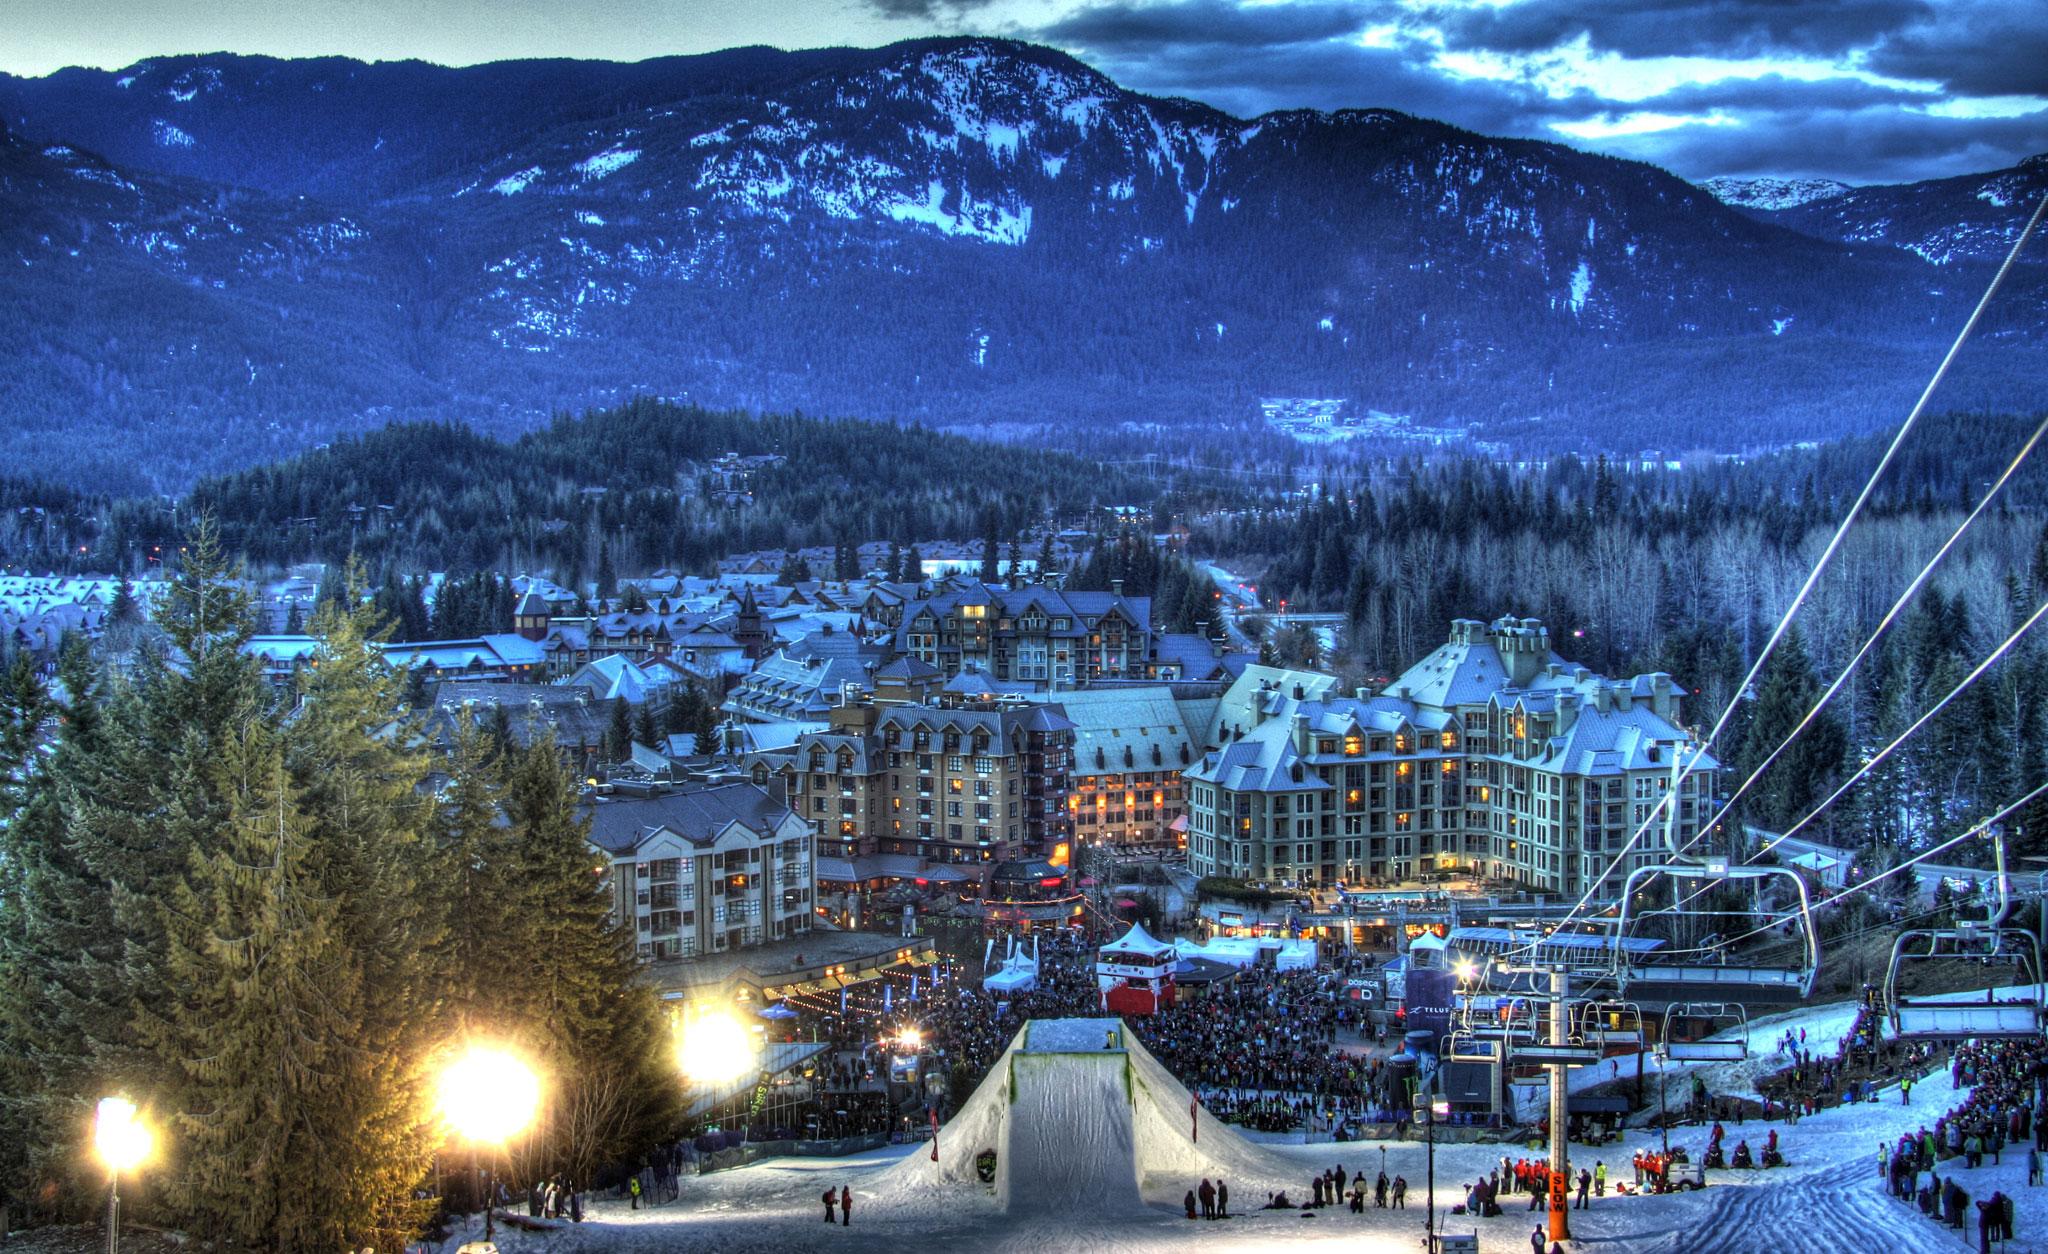 WSSF; Whistler, BC